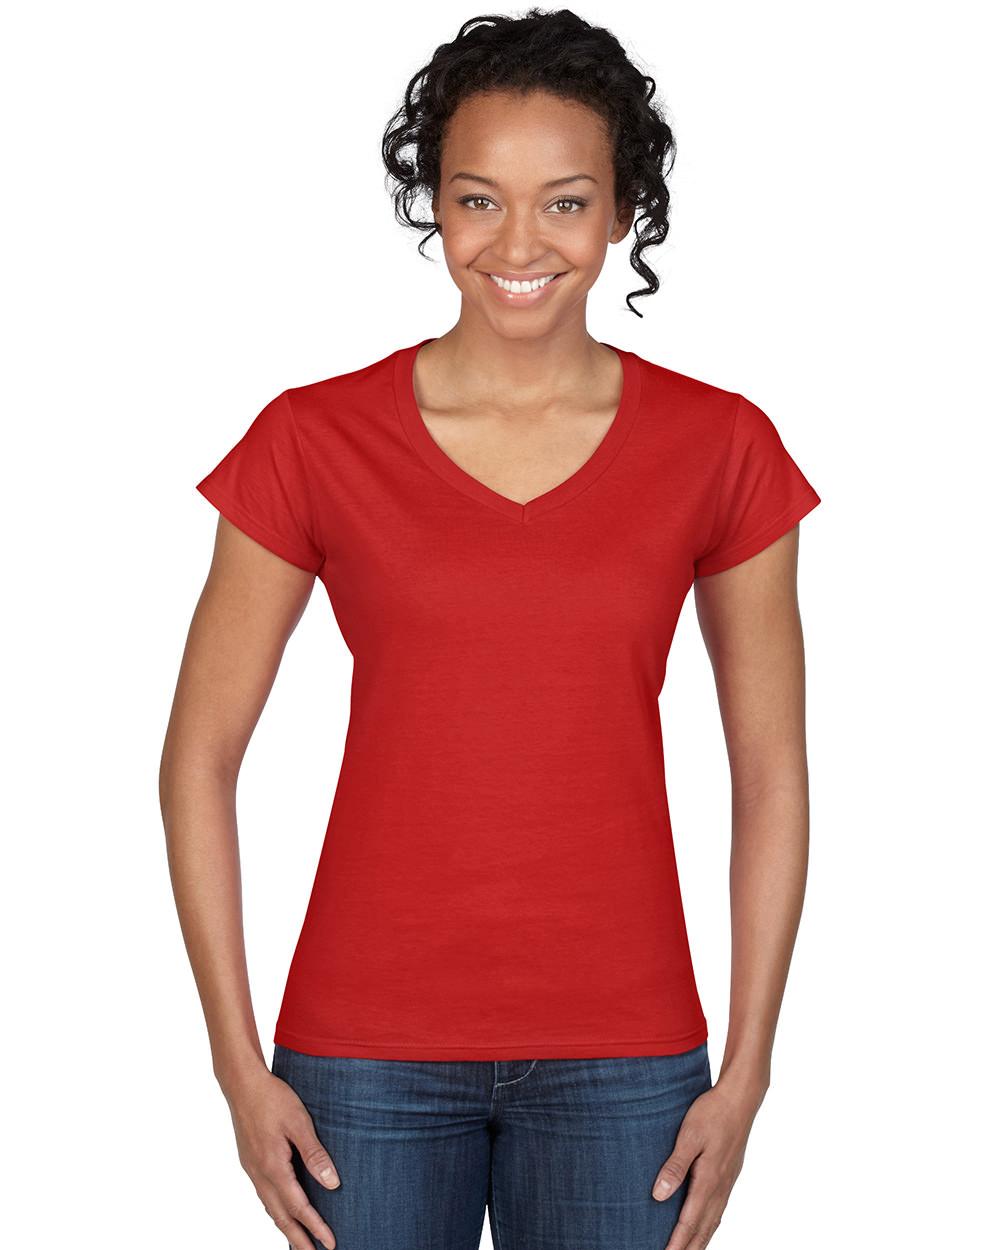 Διαφημιστική γυναικεία μακό κοντομάνικη μπλούζα με V λαιμόκοψη υπάρχει η  δυνατότητα να είναι τυπωμένα η κεντημένα ... 0eaea8e7395